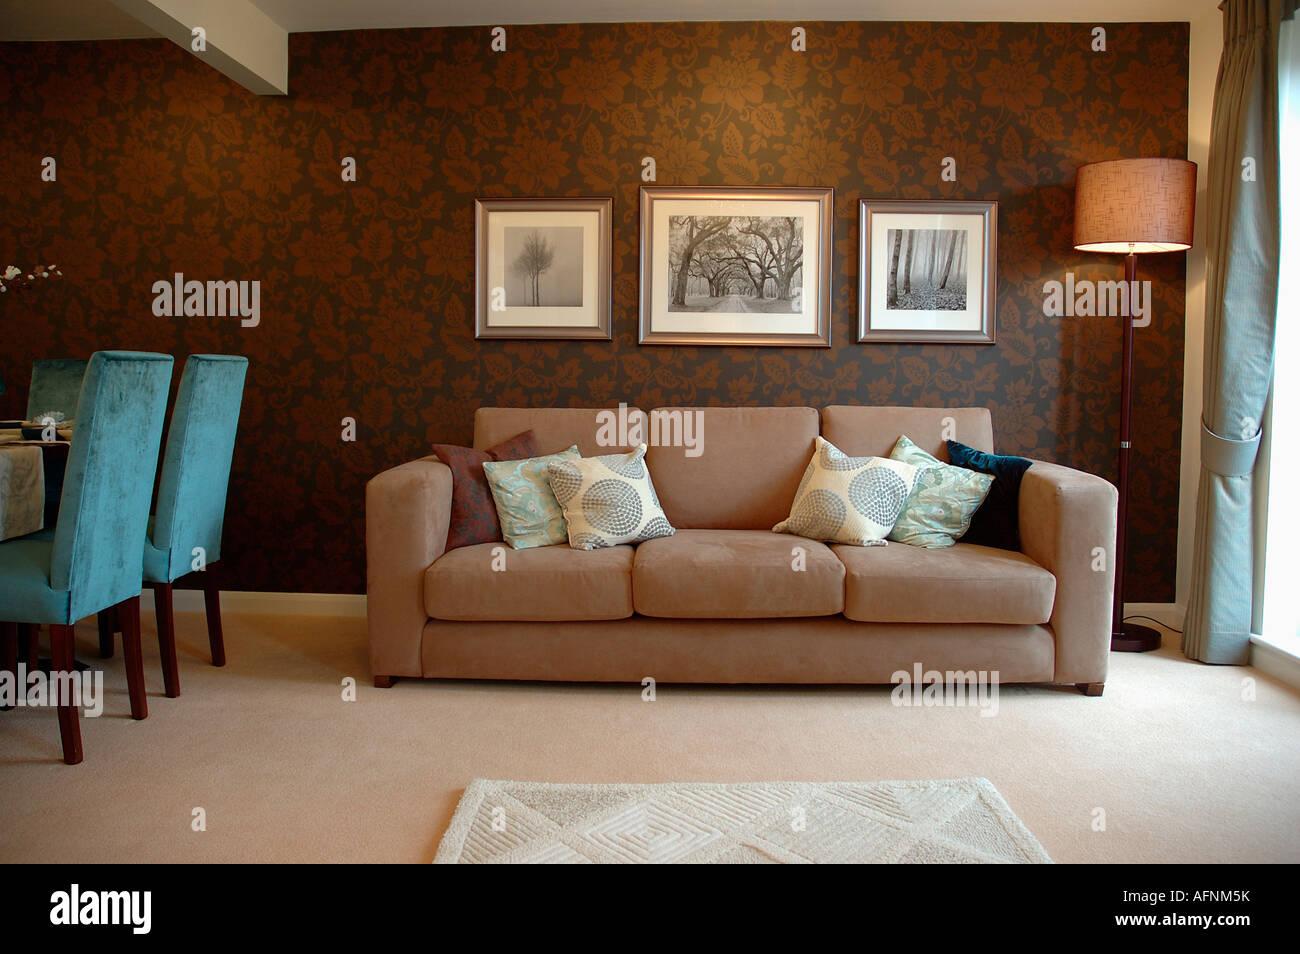 Modernes Apartment Wohnzimmer Mit Braun Gemusterten Tapeten Und Bilder An  Die Wand über Dem Braunen Sofa Mit Kontrastierenden Kissen Creme